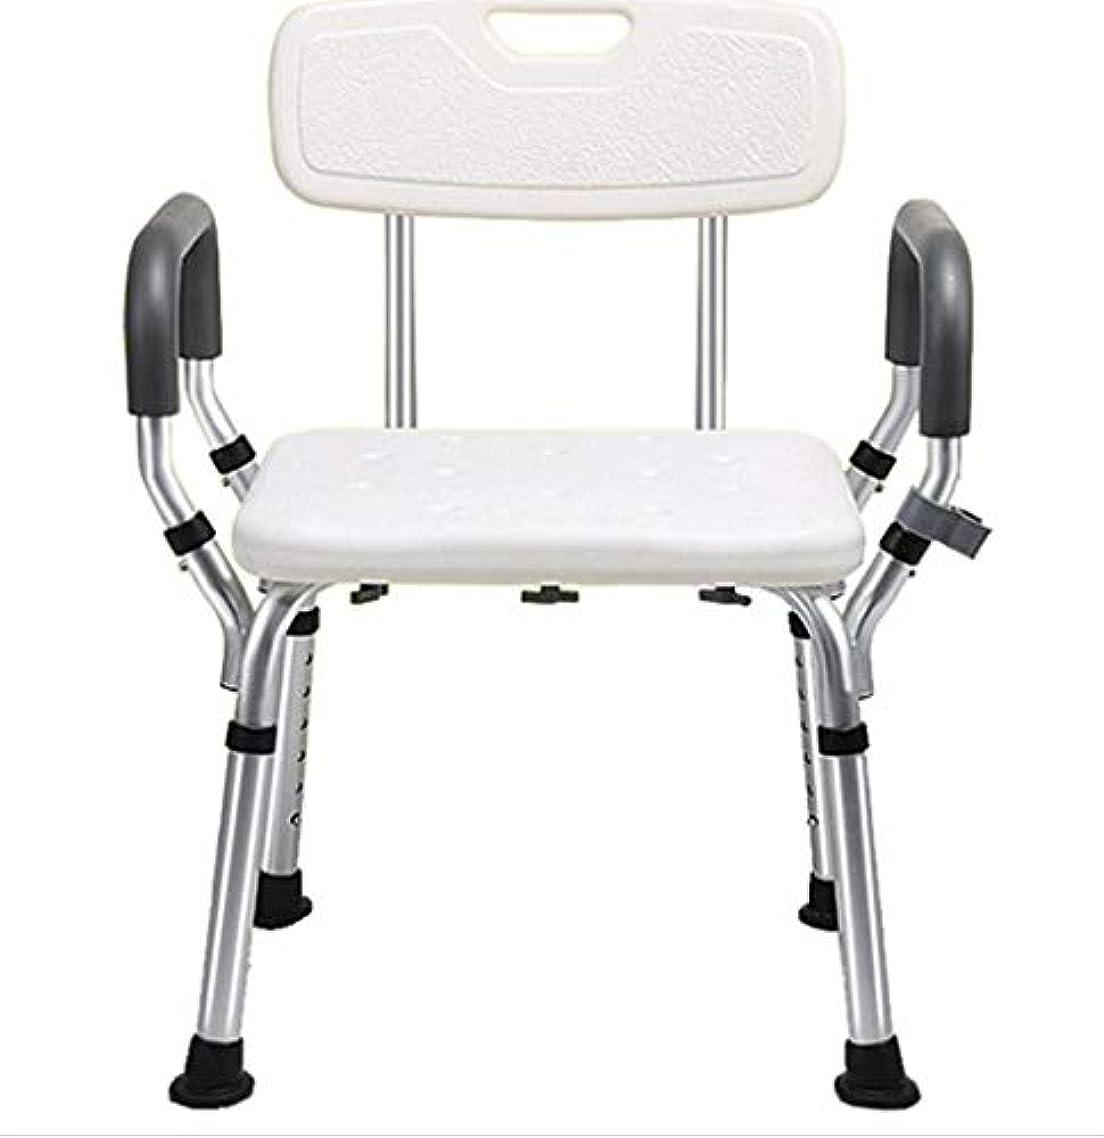 マリン切り下げ耳背もたれ付きシャワーチェア-障害者用の肘掛け付きバスタブベンチ、高齢者用滑り止め浴槽安全スツール